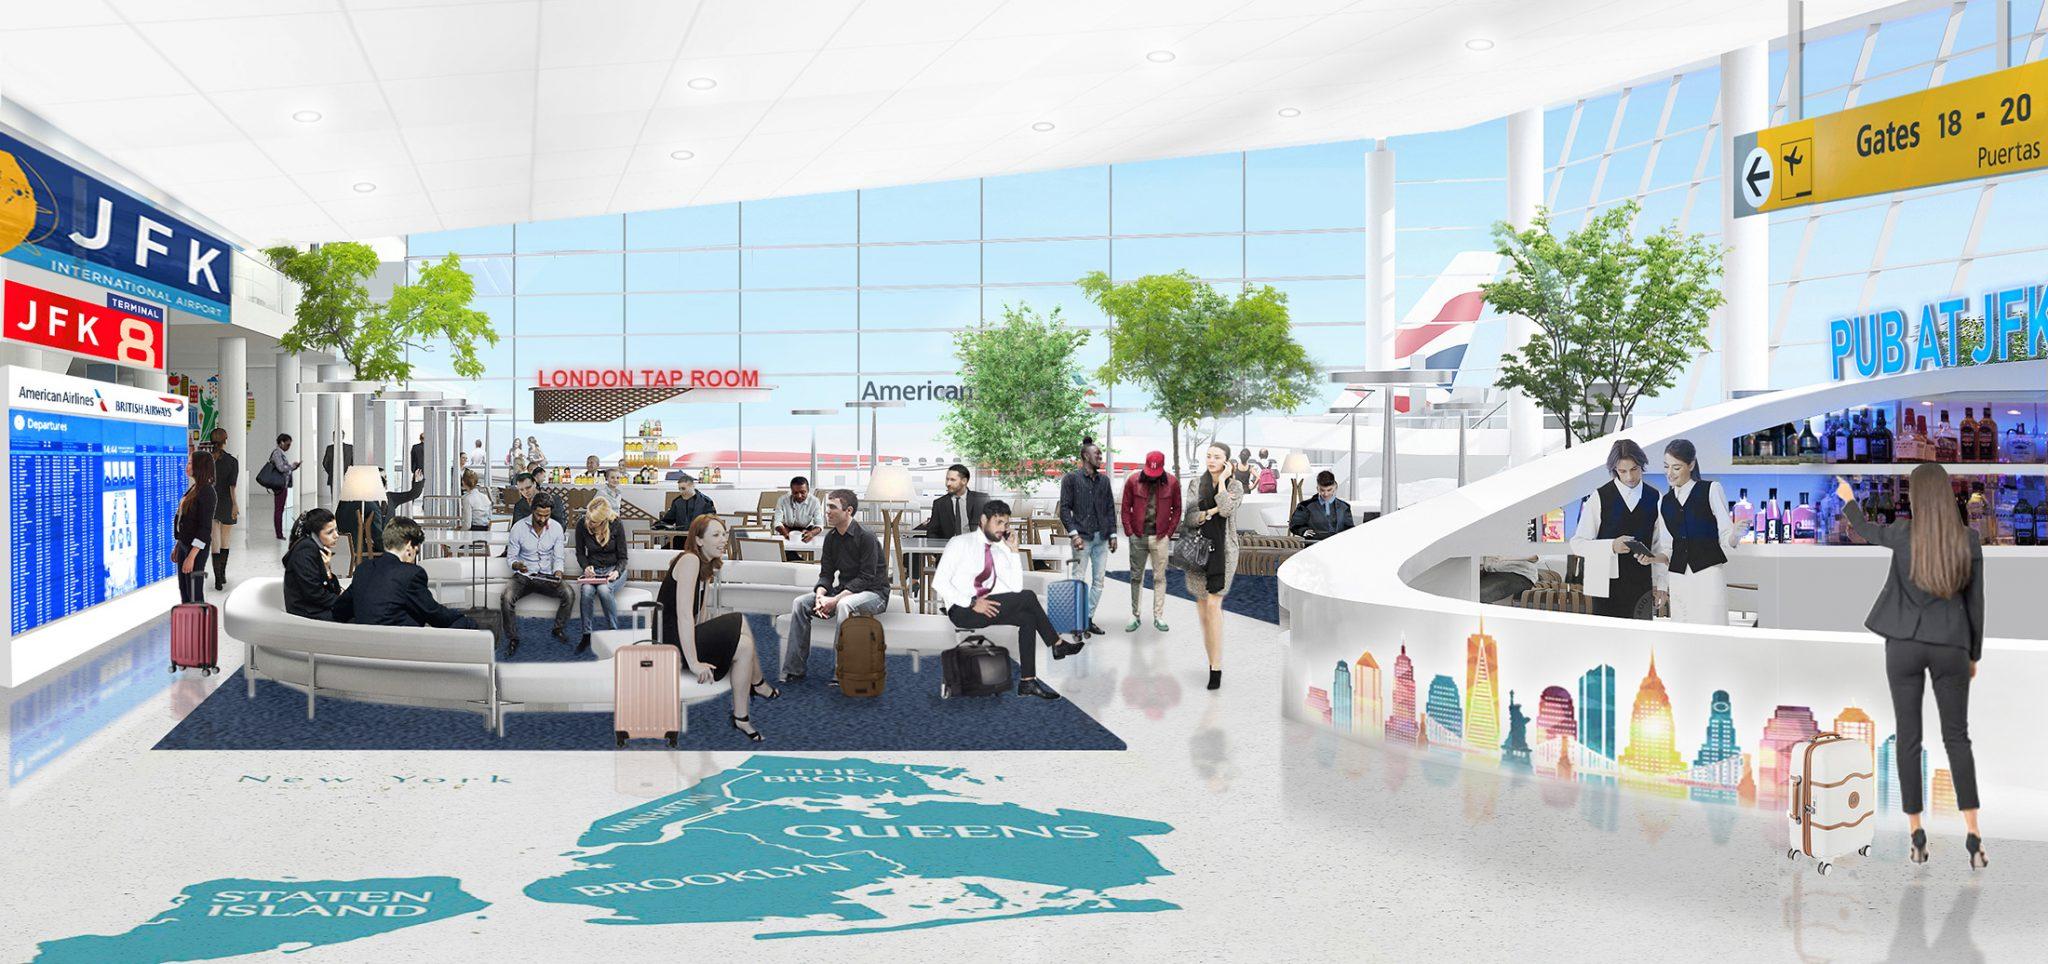 American y British Airways invierten US$ 344 millones en el aeropuerto JFK